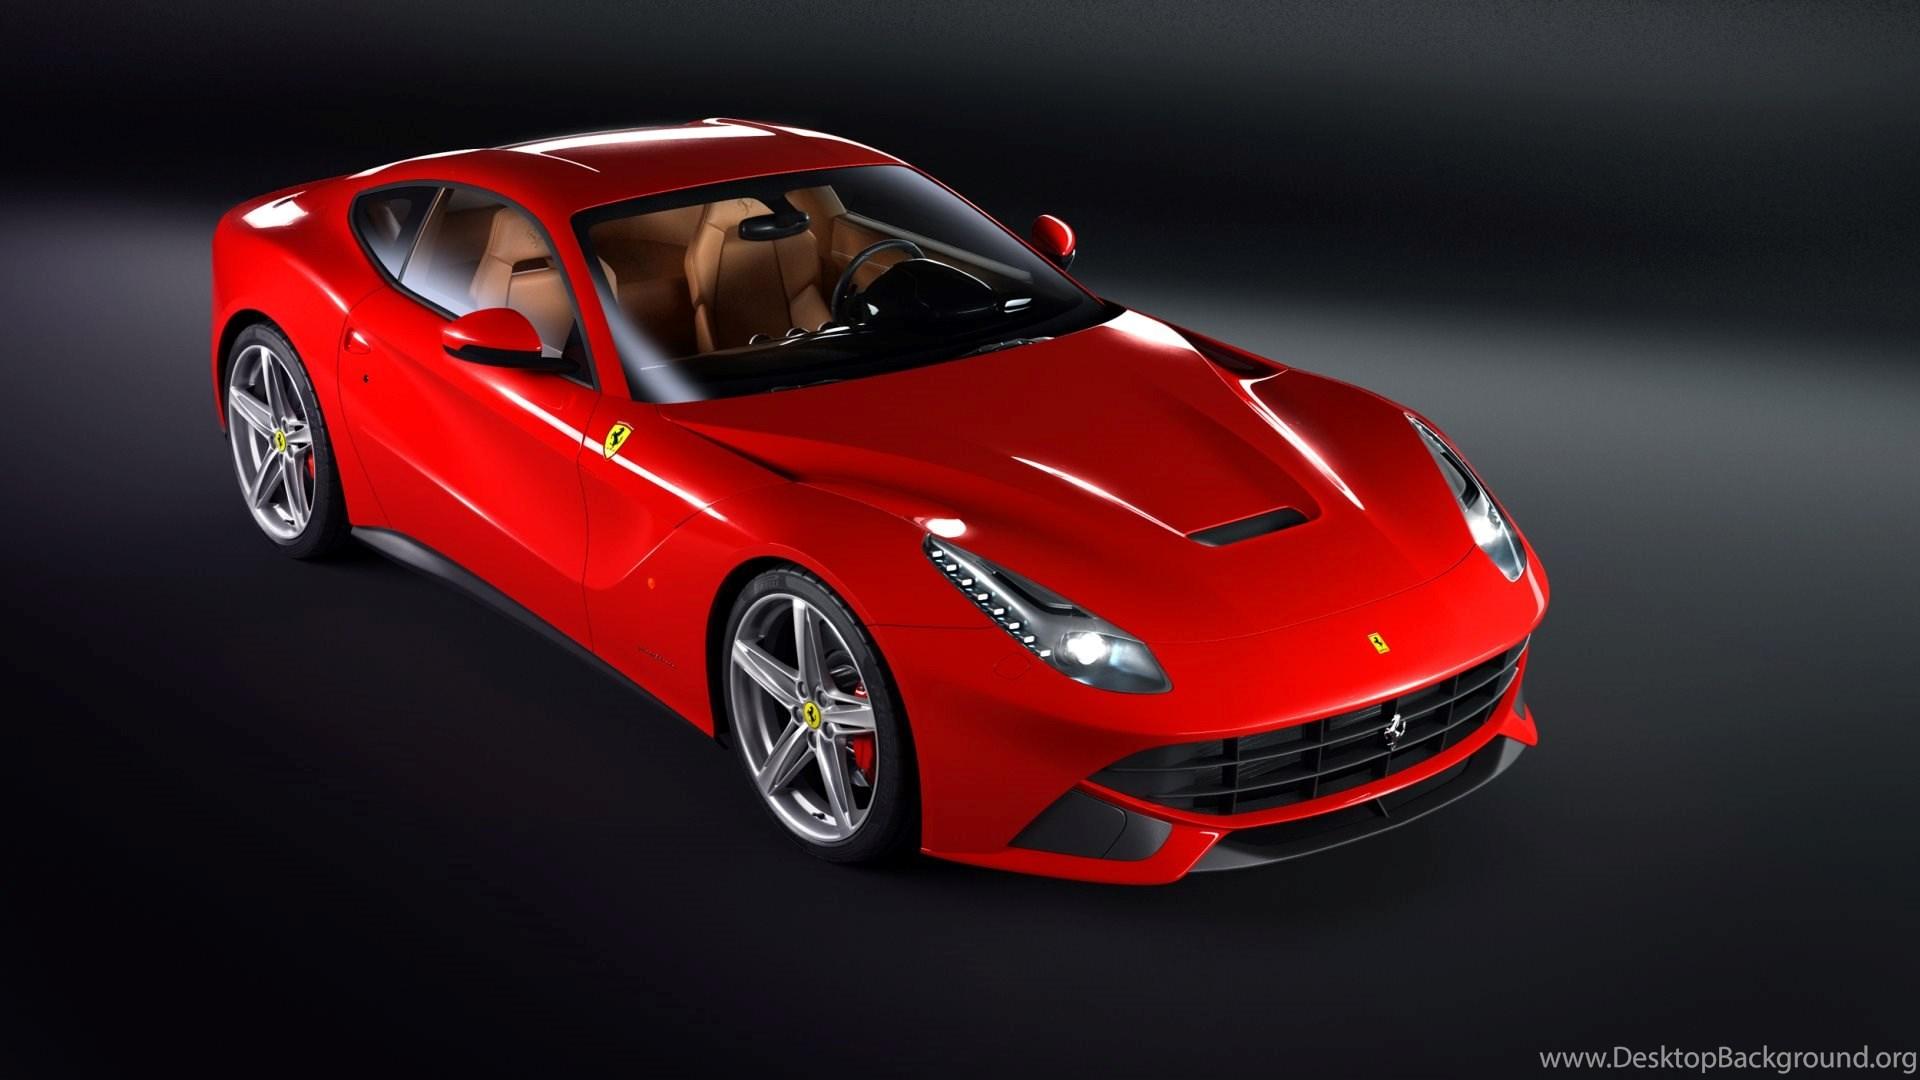 Fondo Escritorio Ferrari F12 Berlinetta: Ferrari SuperCars: F12 Berlinetta, 458 Italia, 599 HD